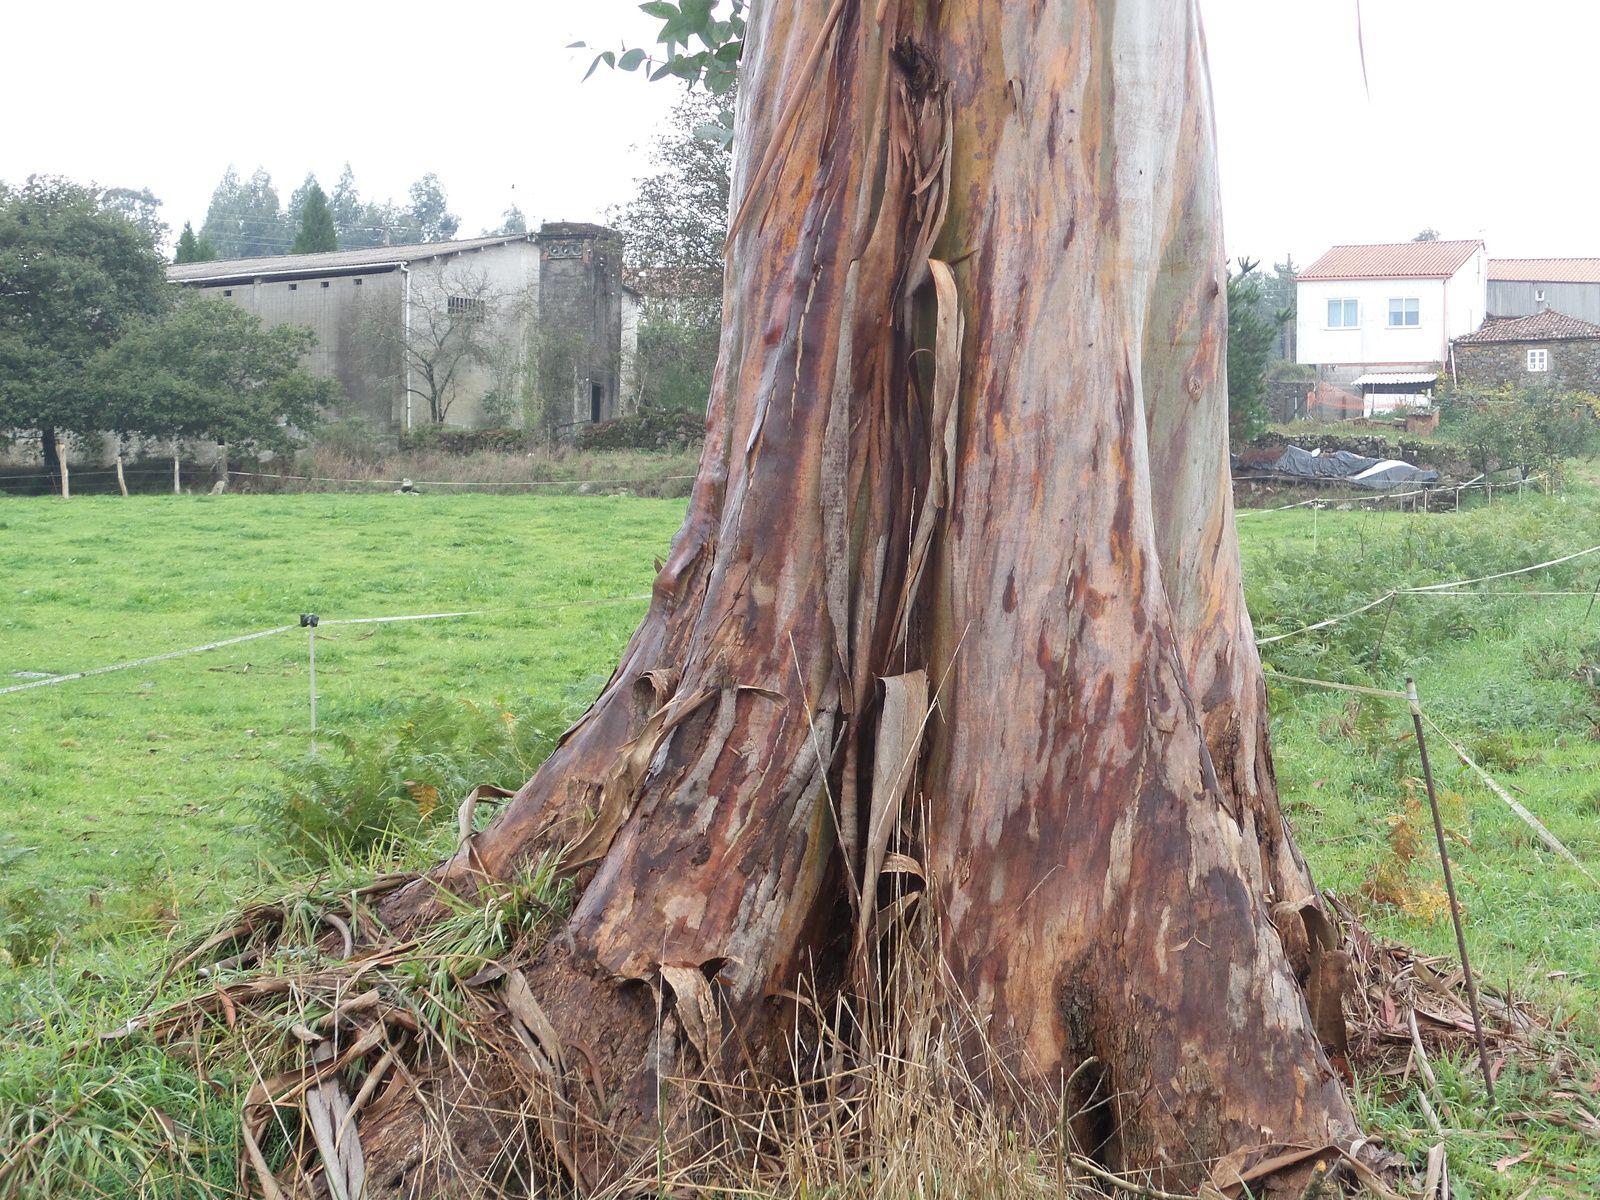 Changement de décor: les forets d'eucalyptus